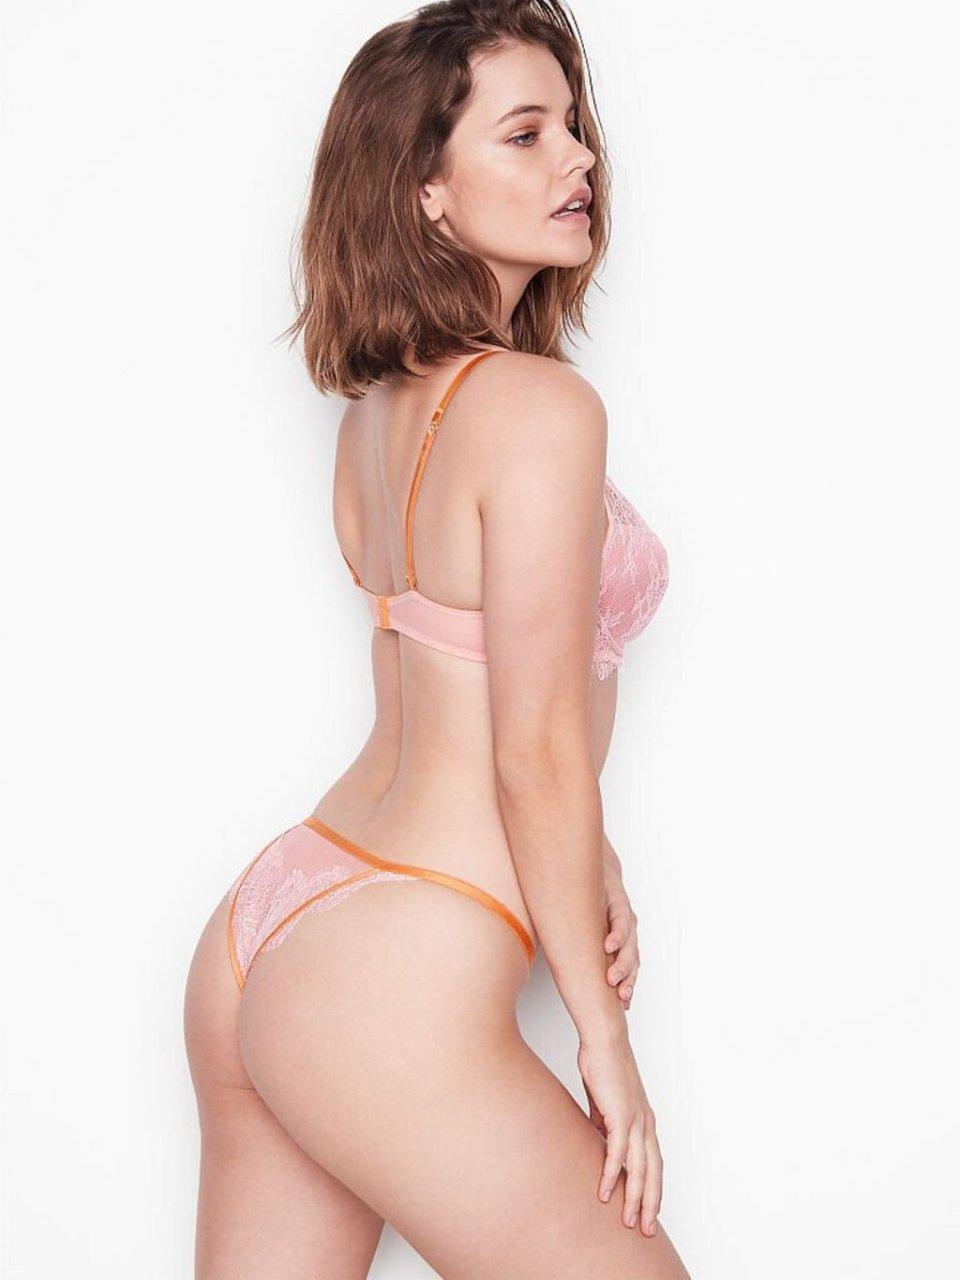 Barbara Palvin Sexy (69 Photos)